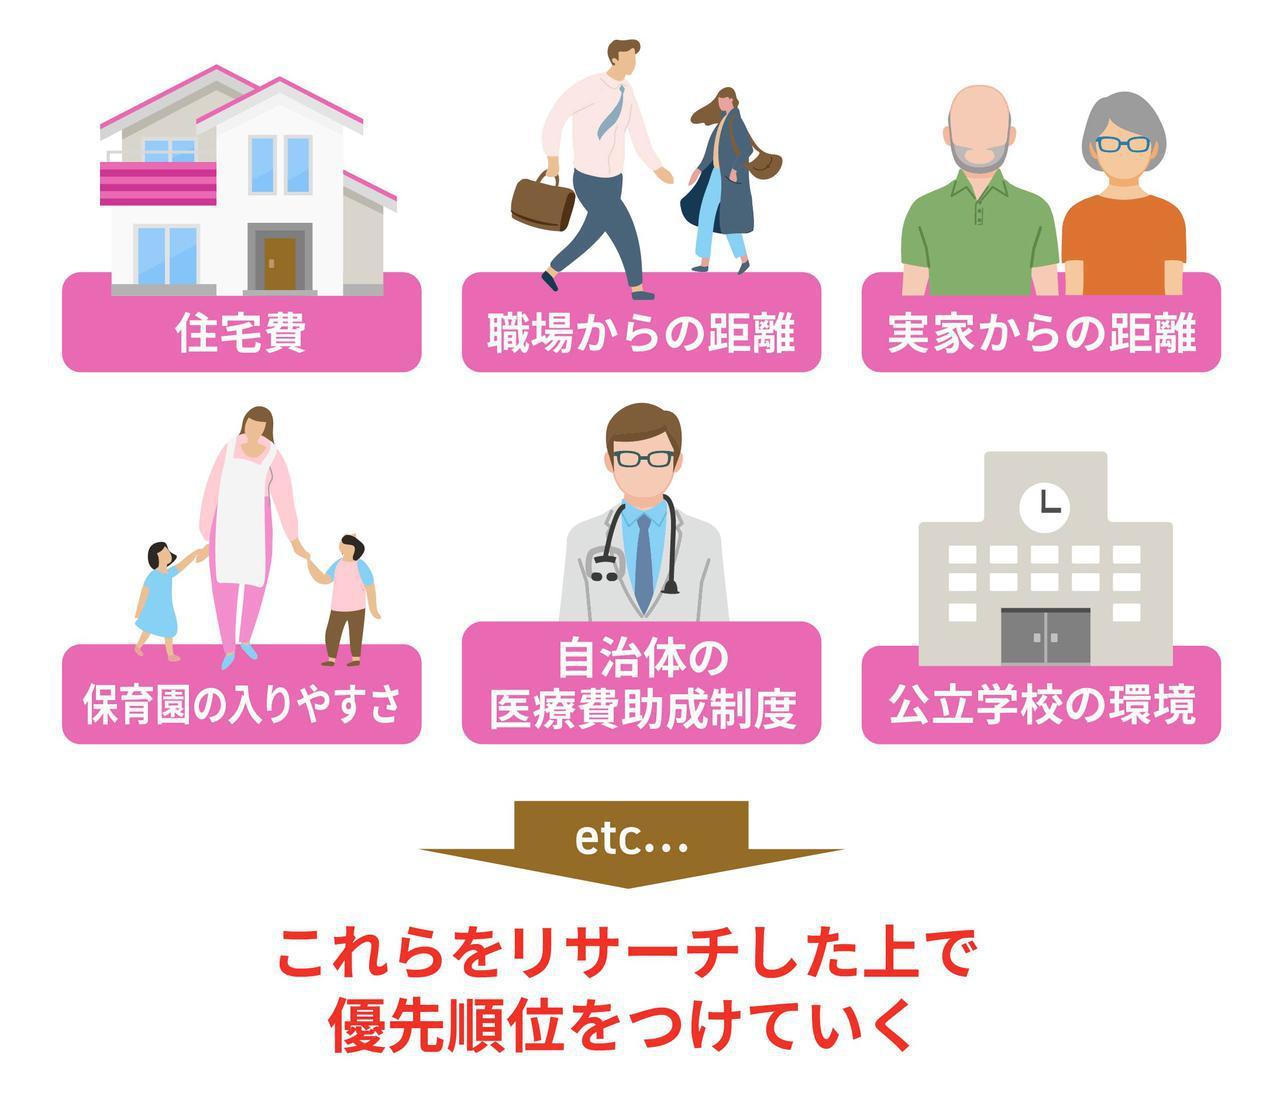 画像4: 賃貸or購入、都市or郊外…どうやって決めればいい?